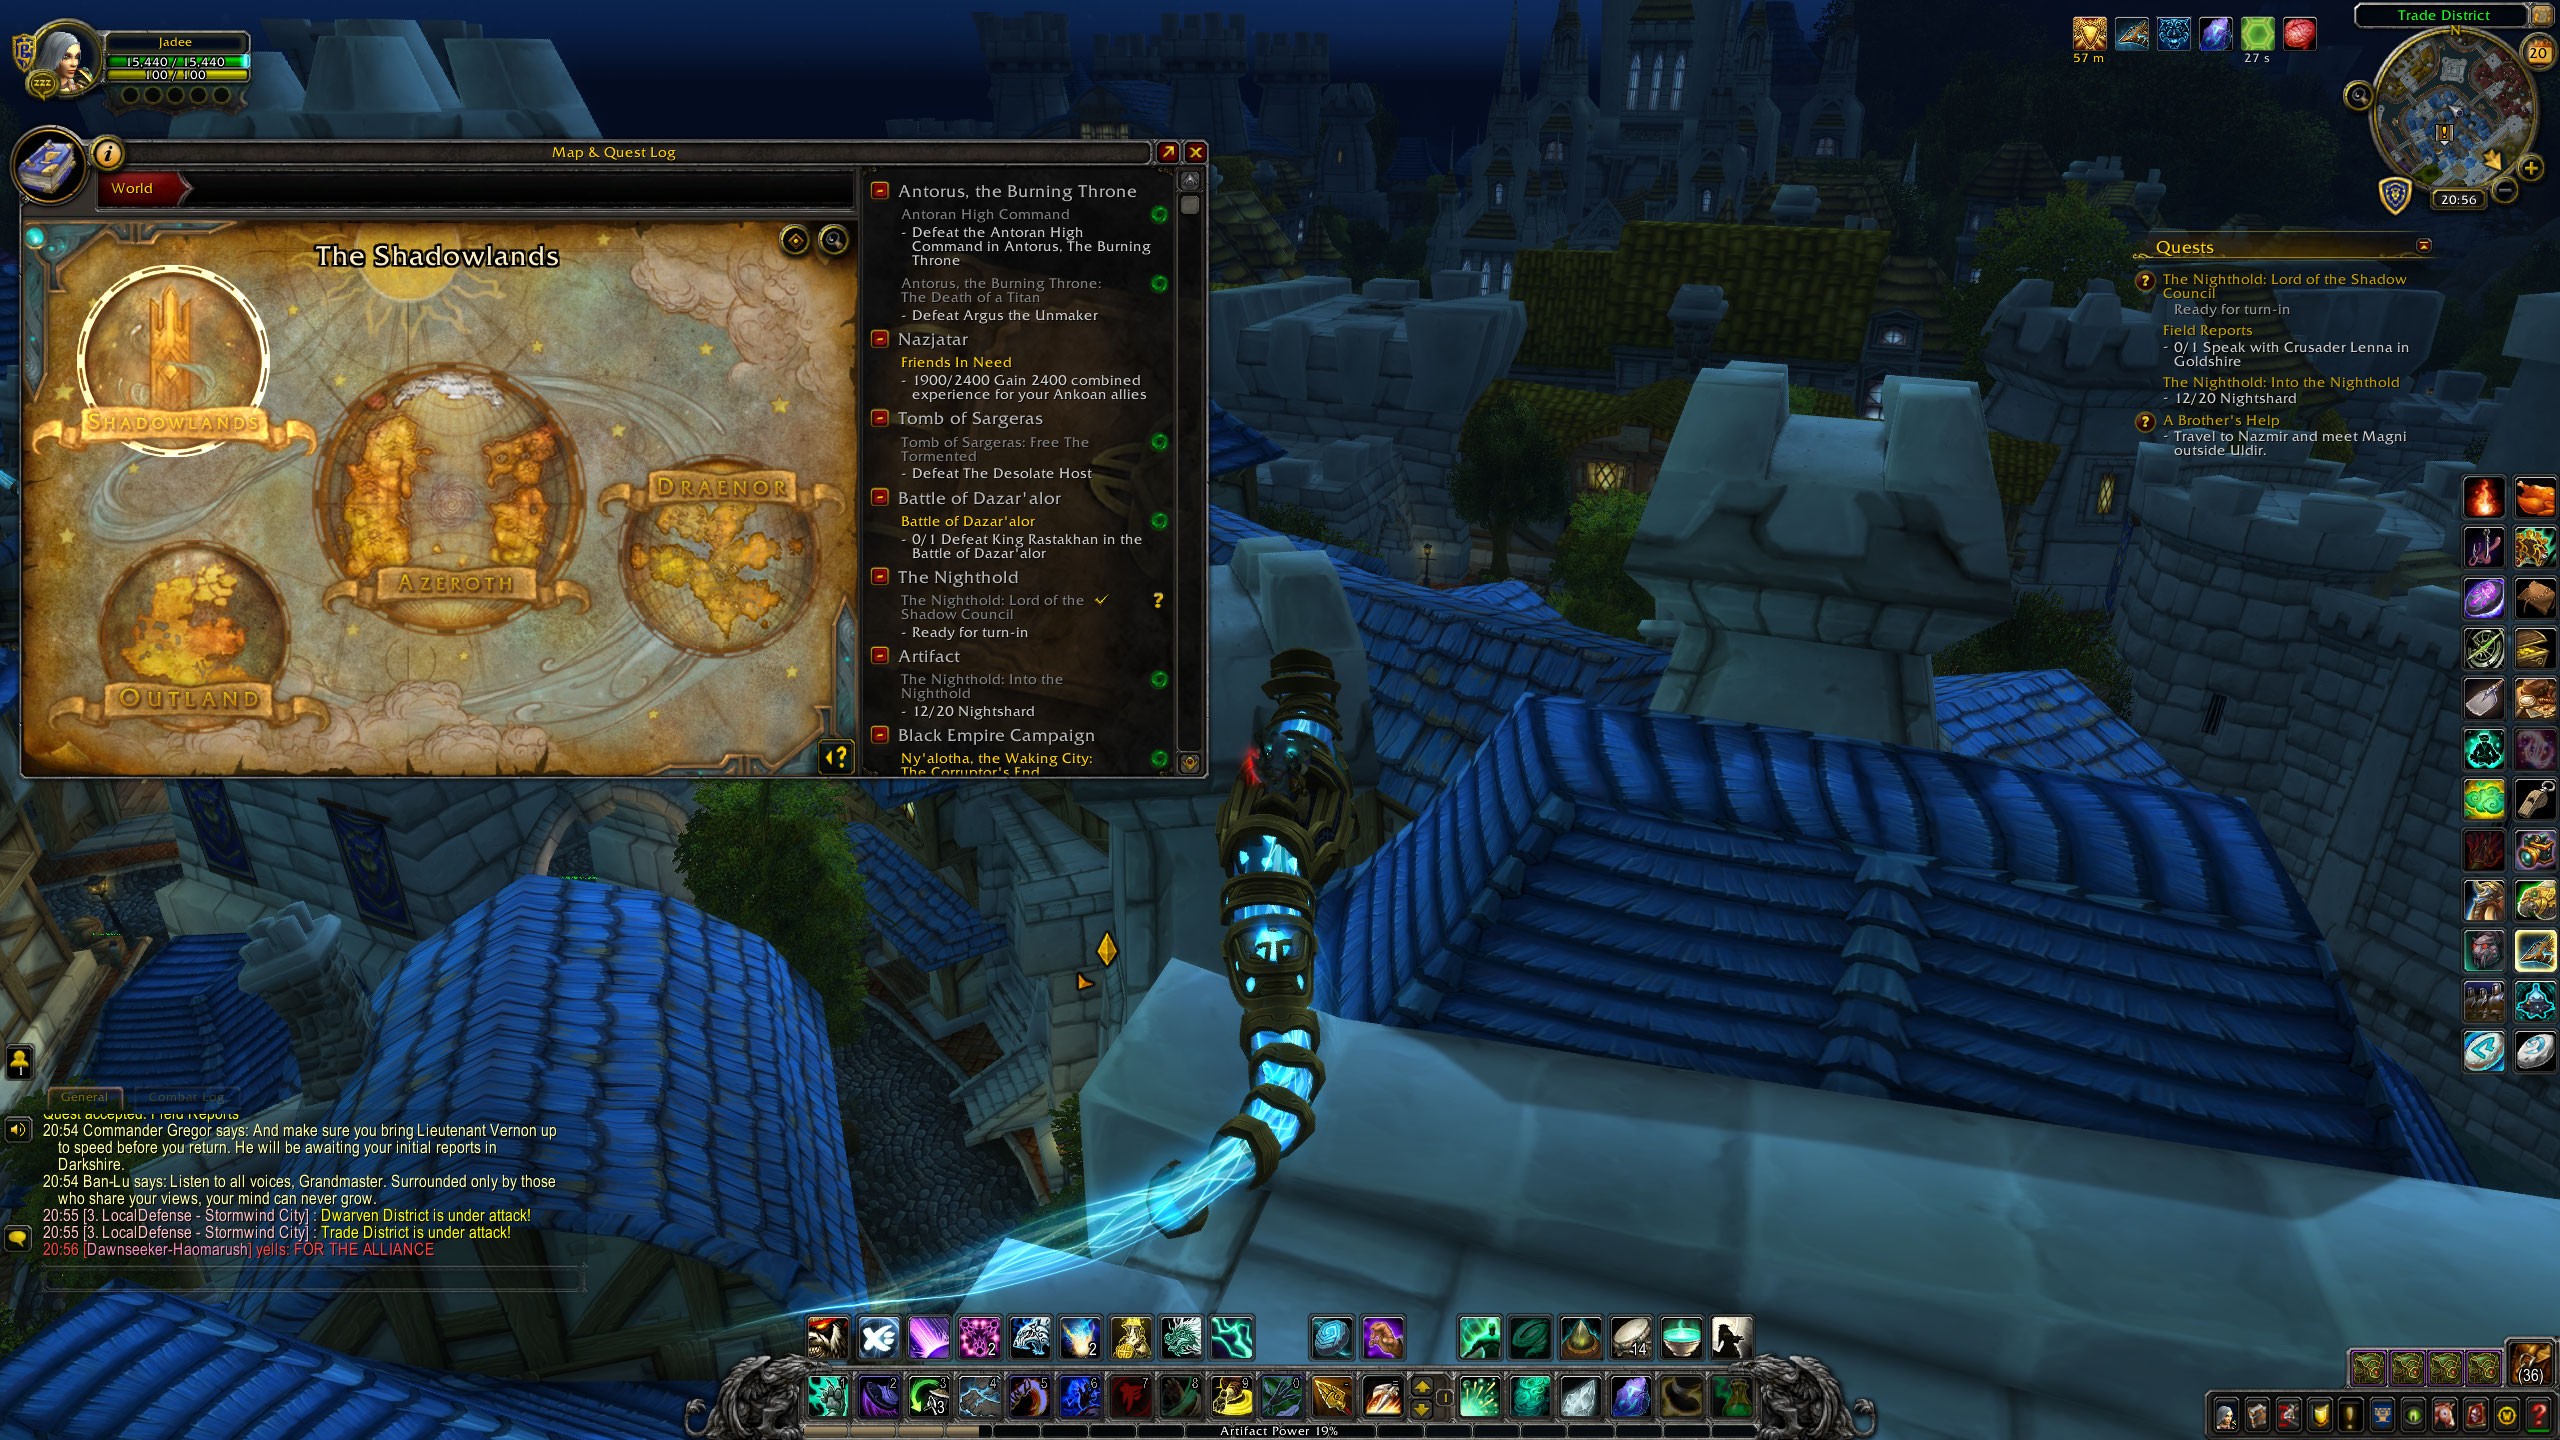 V mapkách už si můžete Shadowlands prohlédnout.